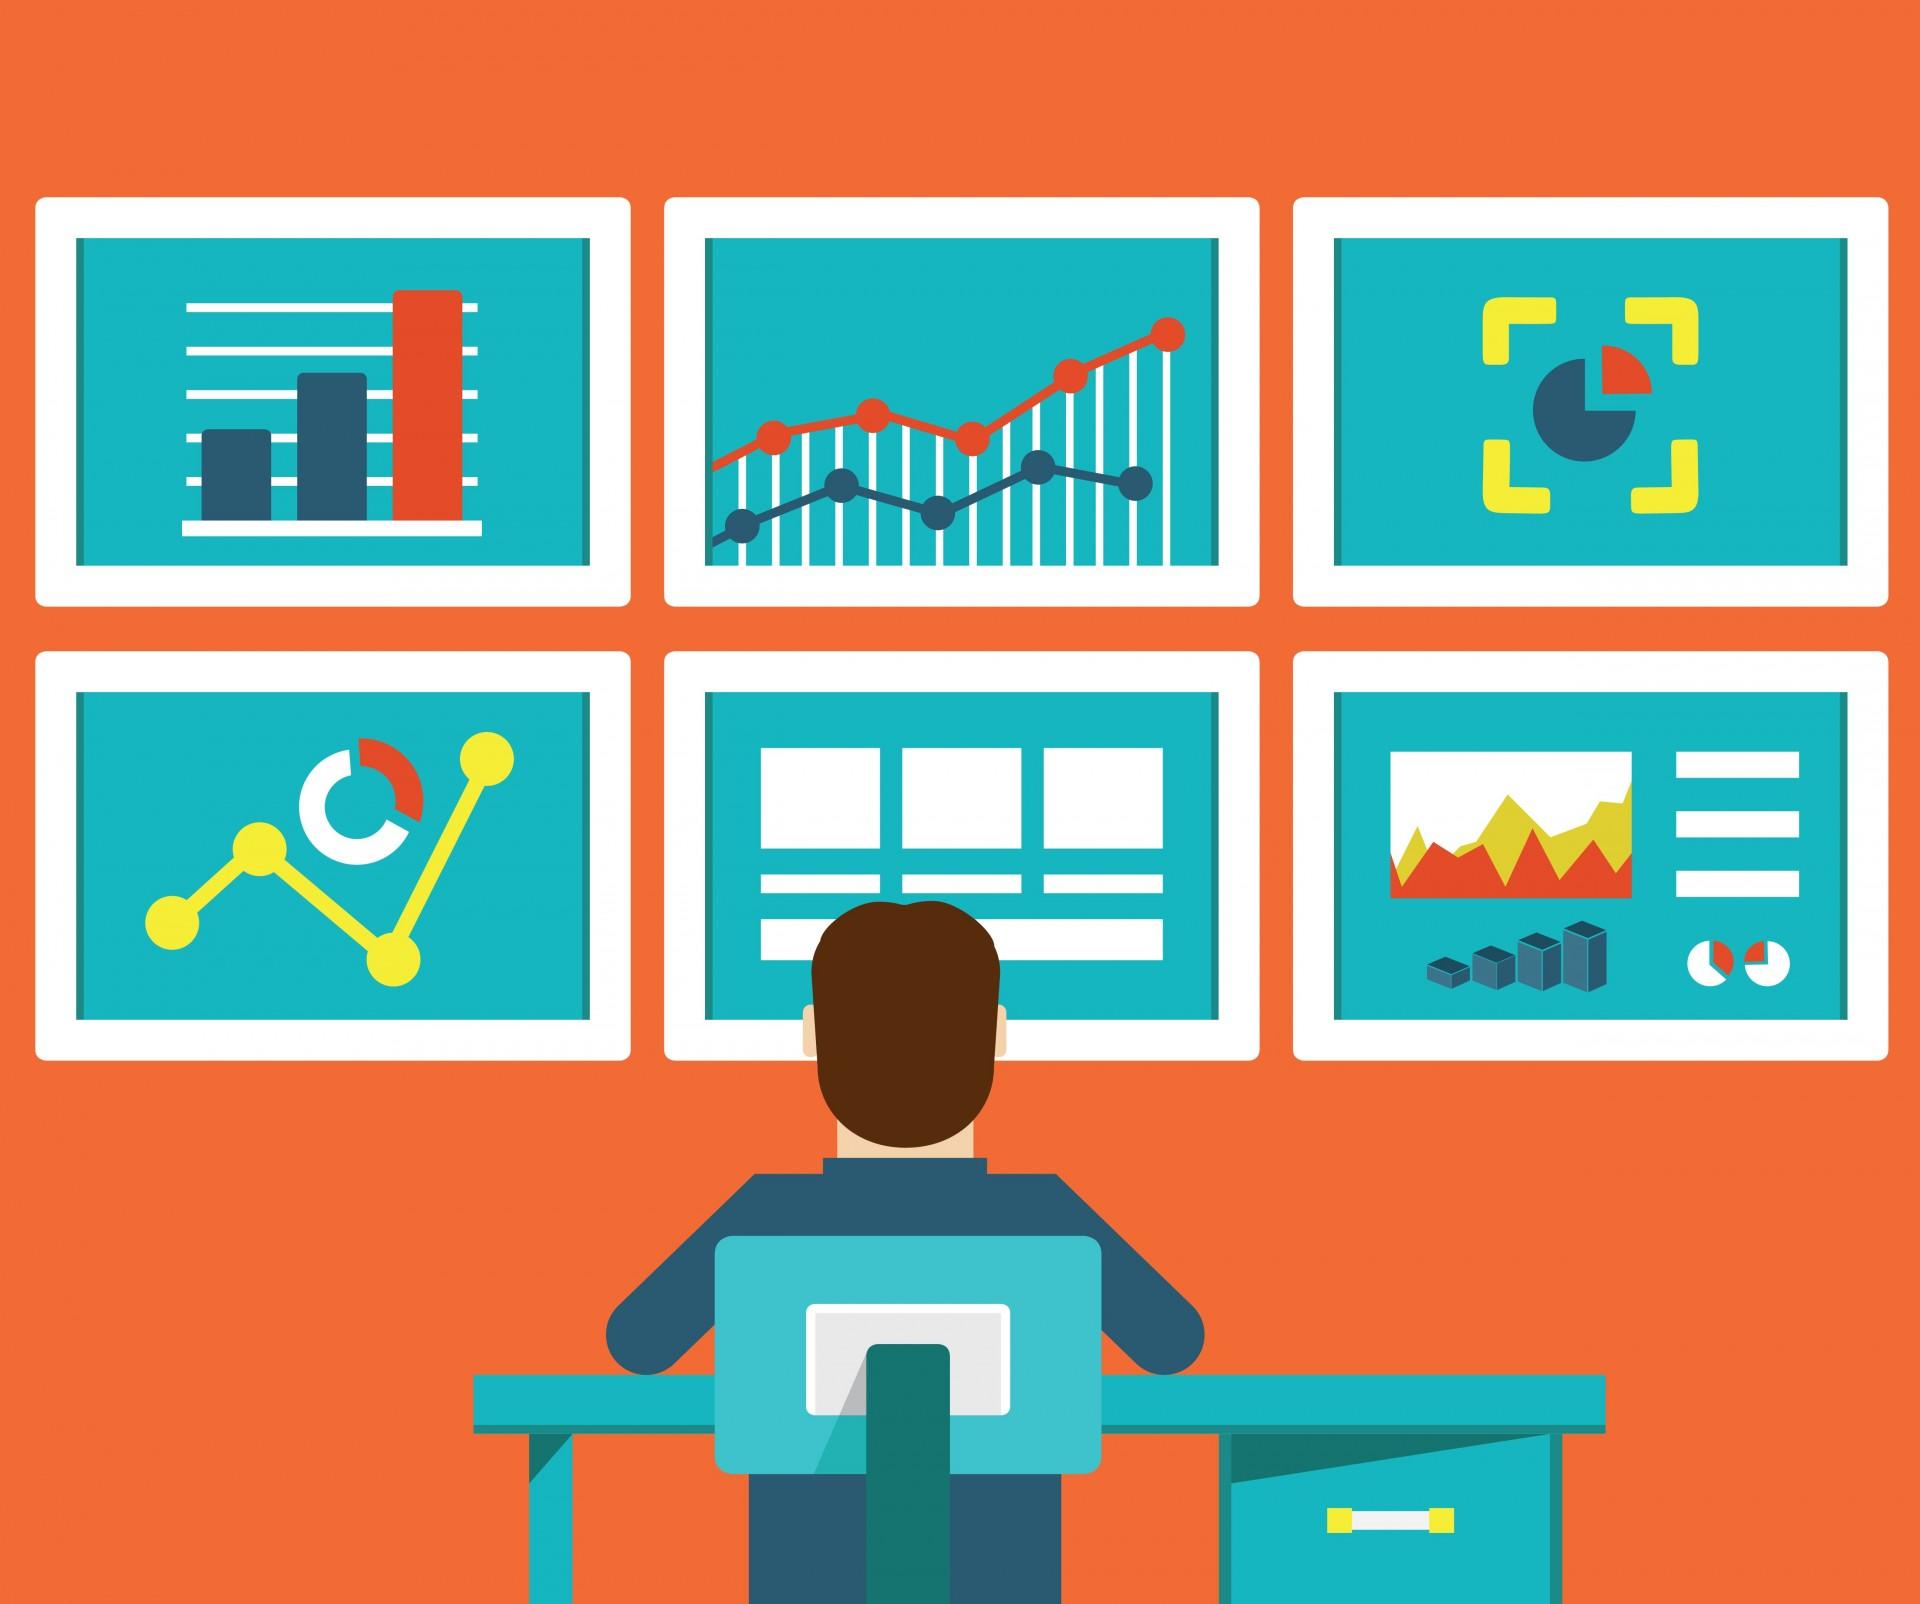 Métricas fornecem uma visão geral da sua estratégia e dos resultados reais que sua empresa está tendo